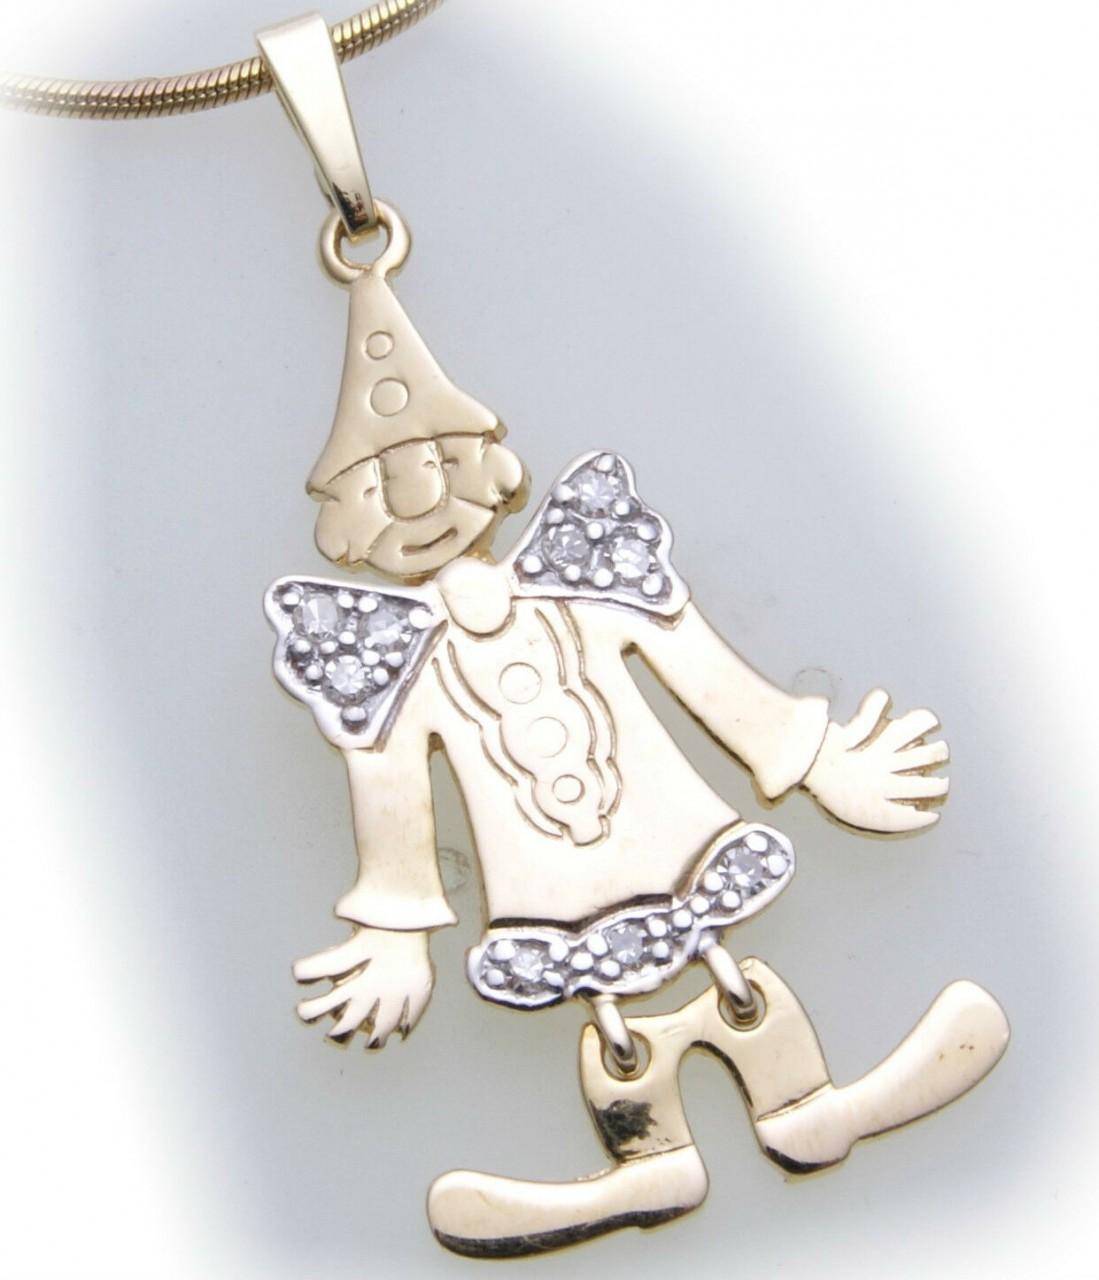 Anhänger Clown beweglich echt Gold 585 Diamant 0,09ct Gelbgold Unisex Brillant